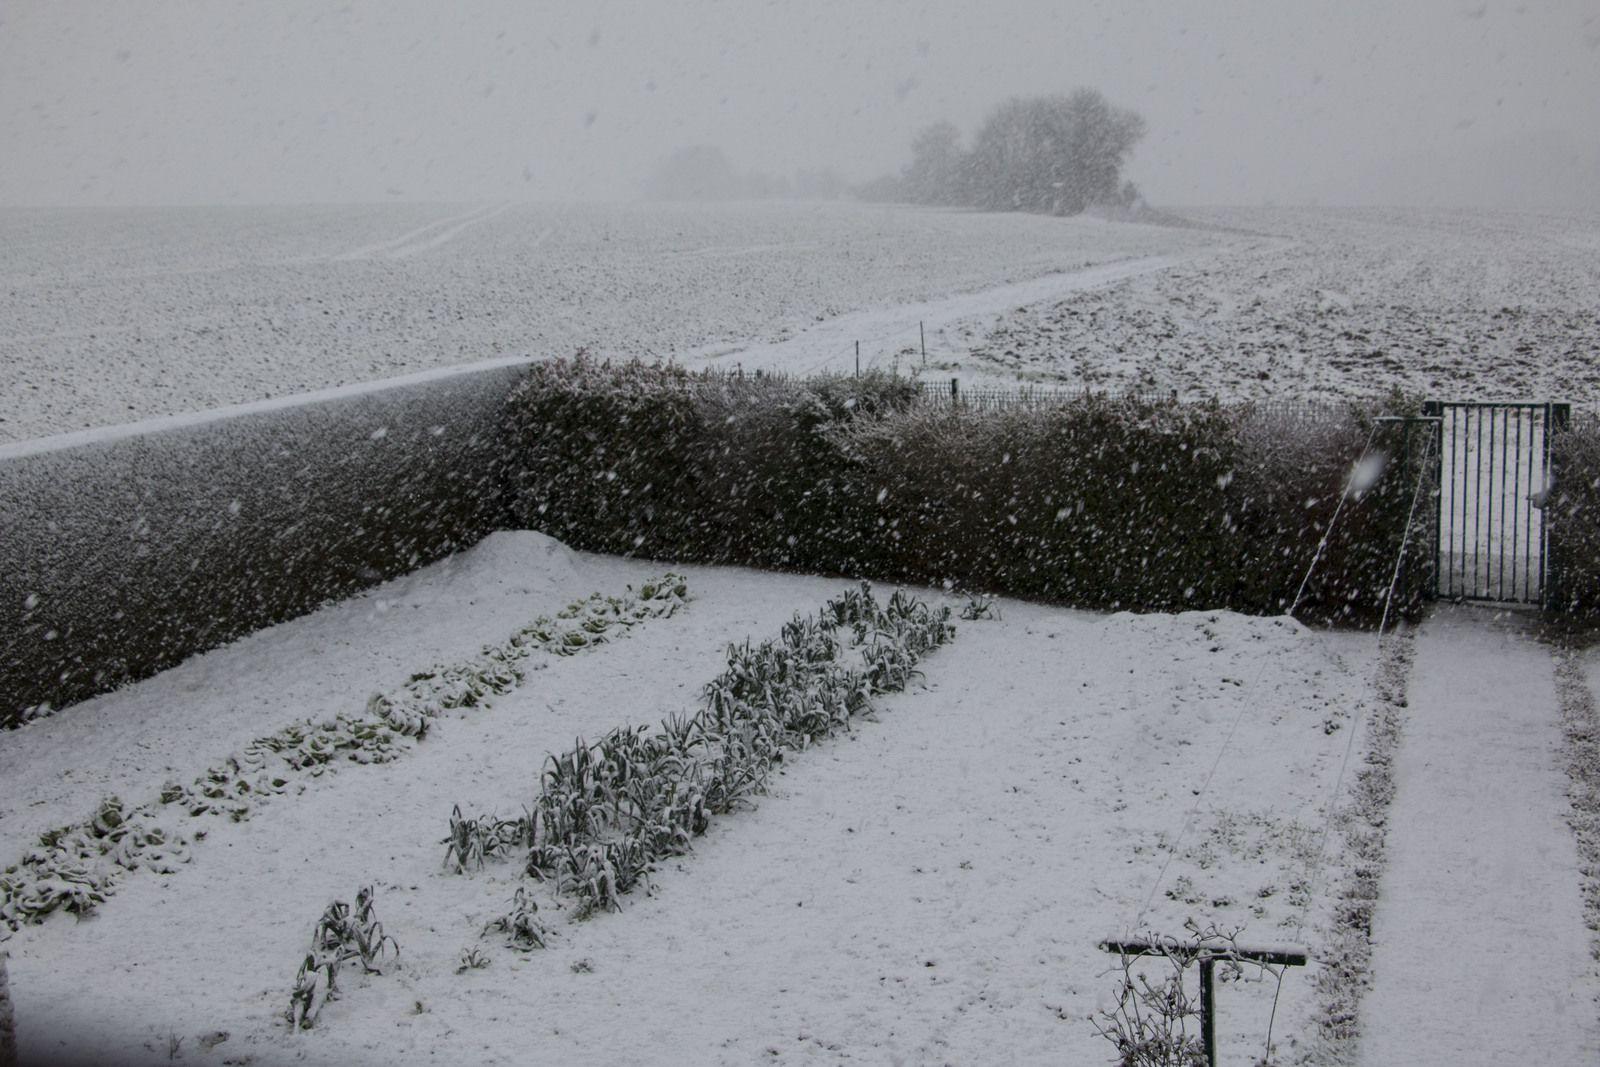 La neige blanchit peu à peu le jardin.